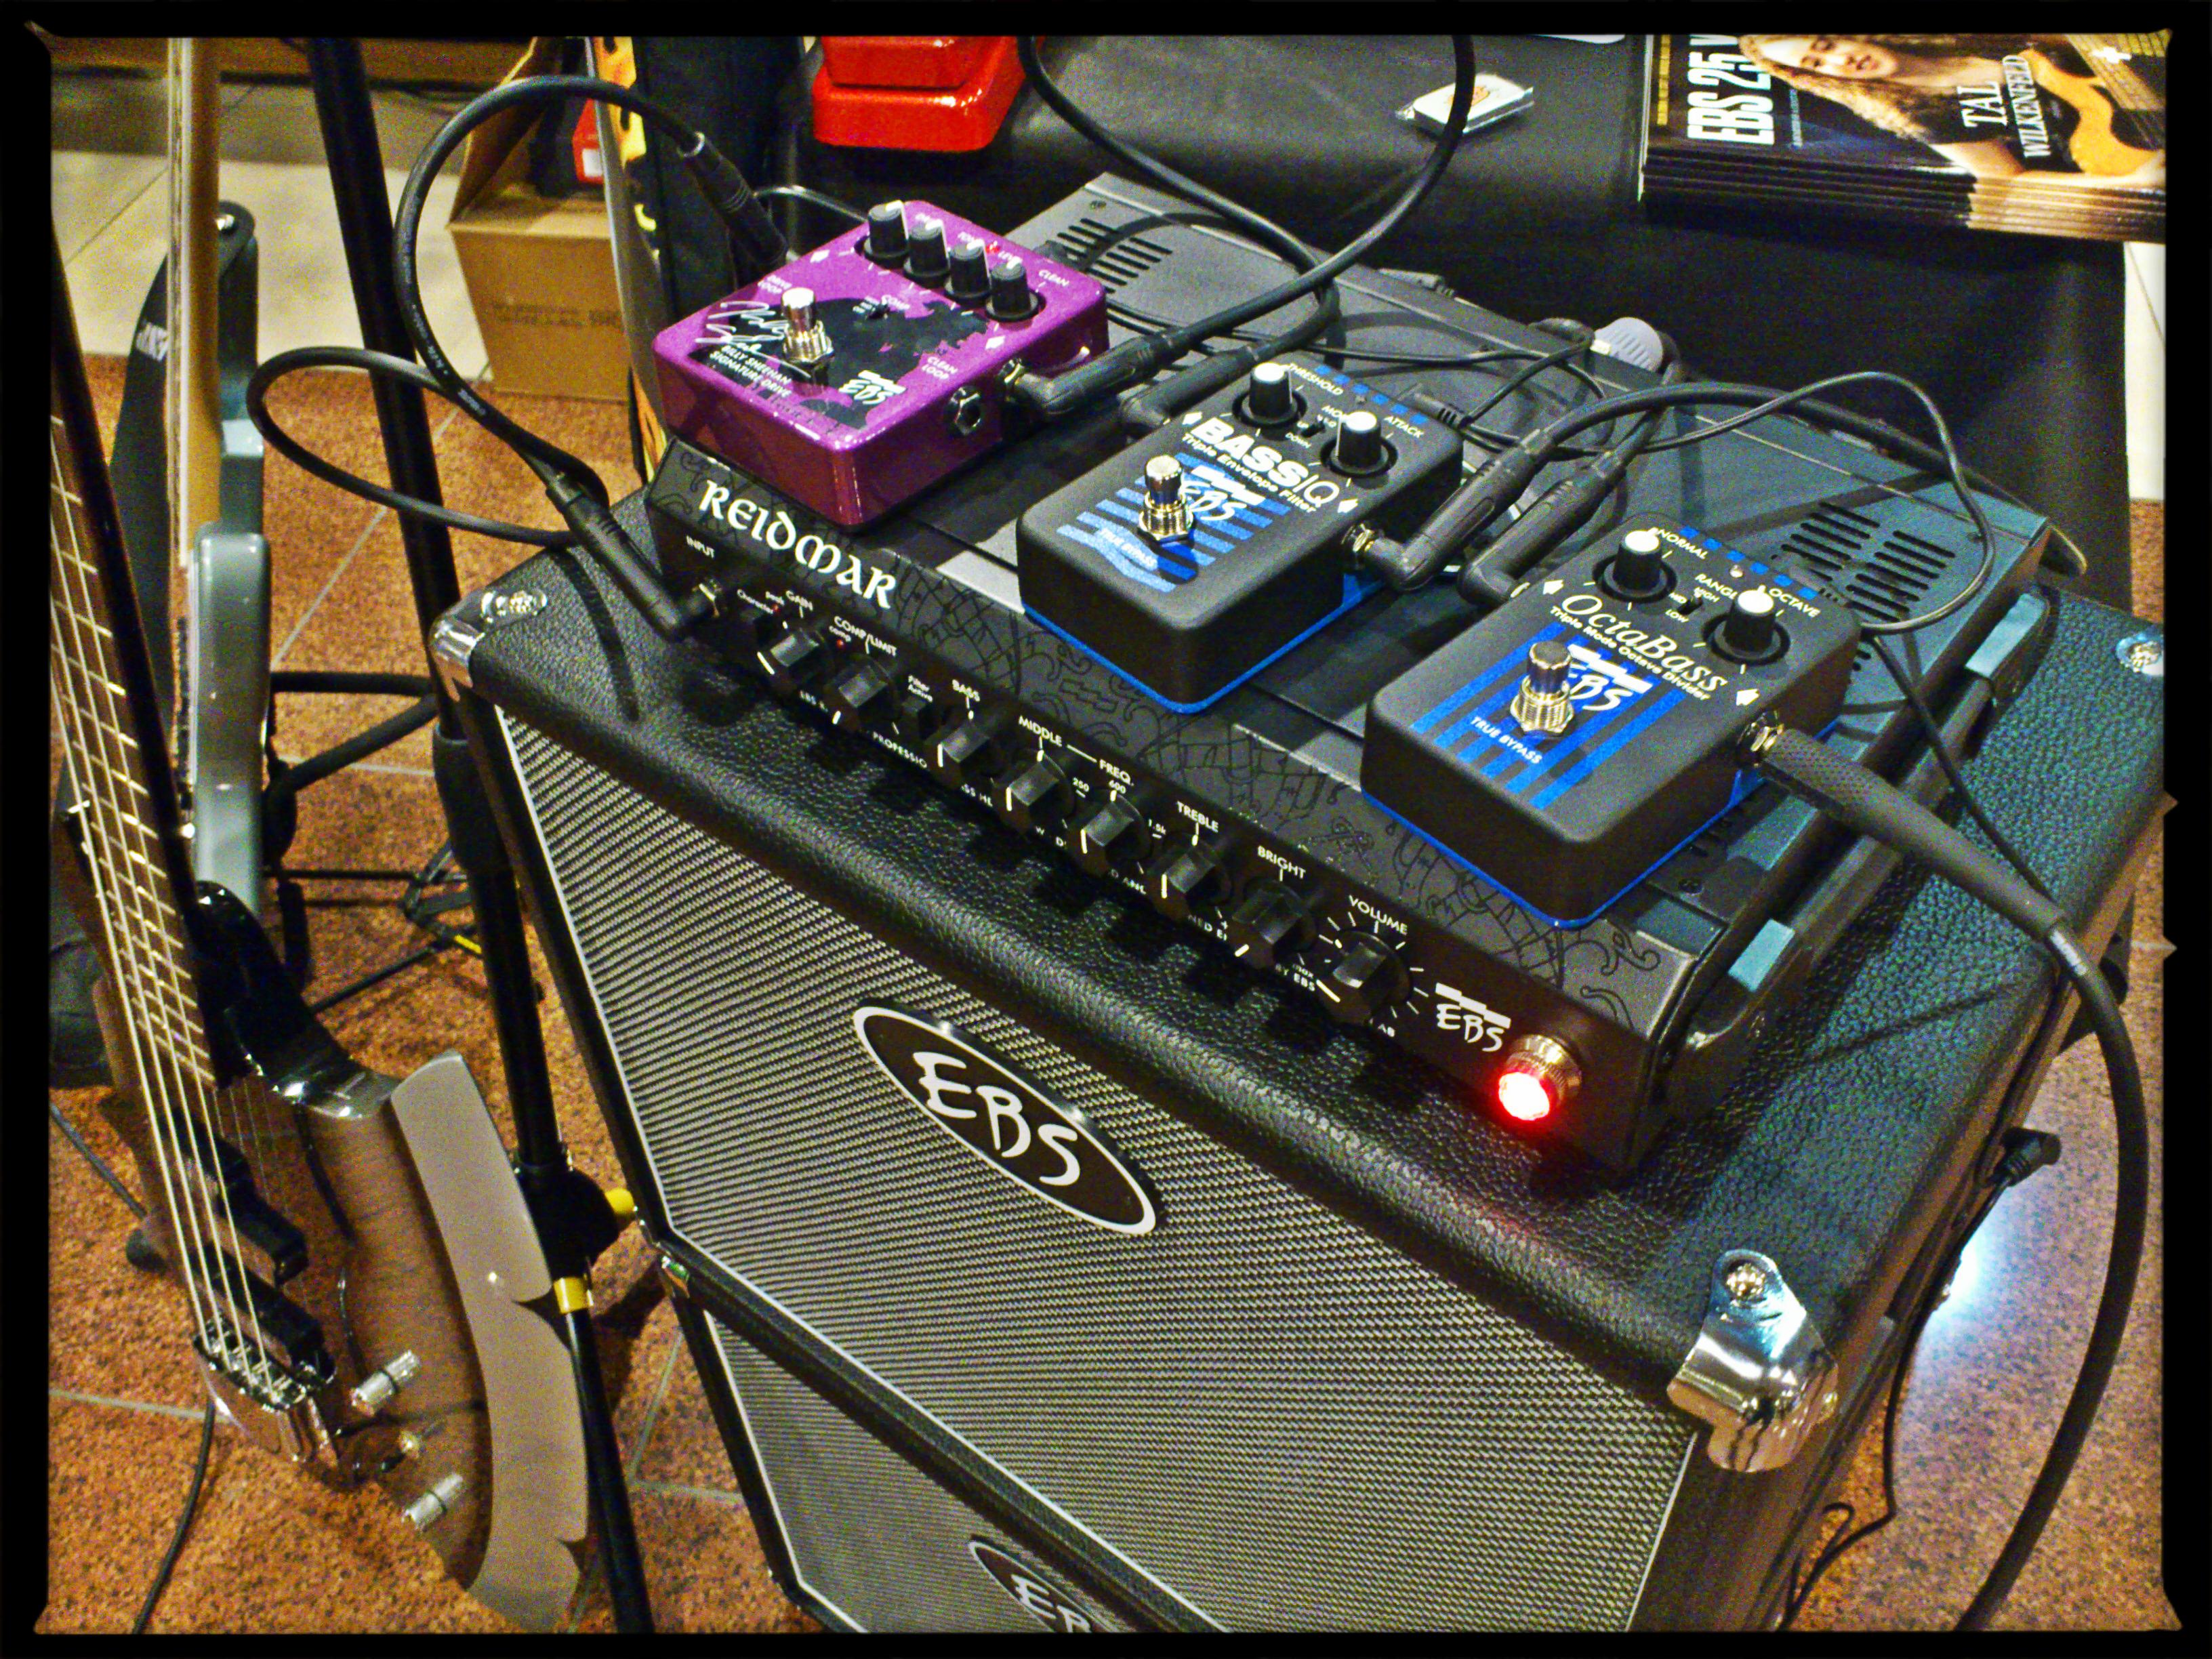 EBS pedals